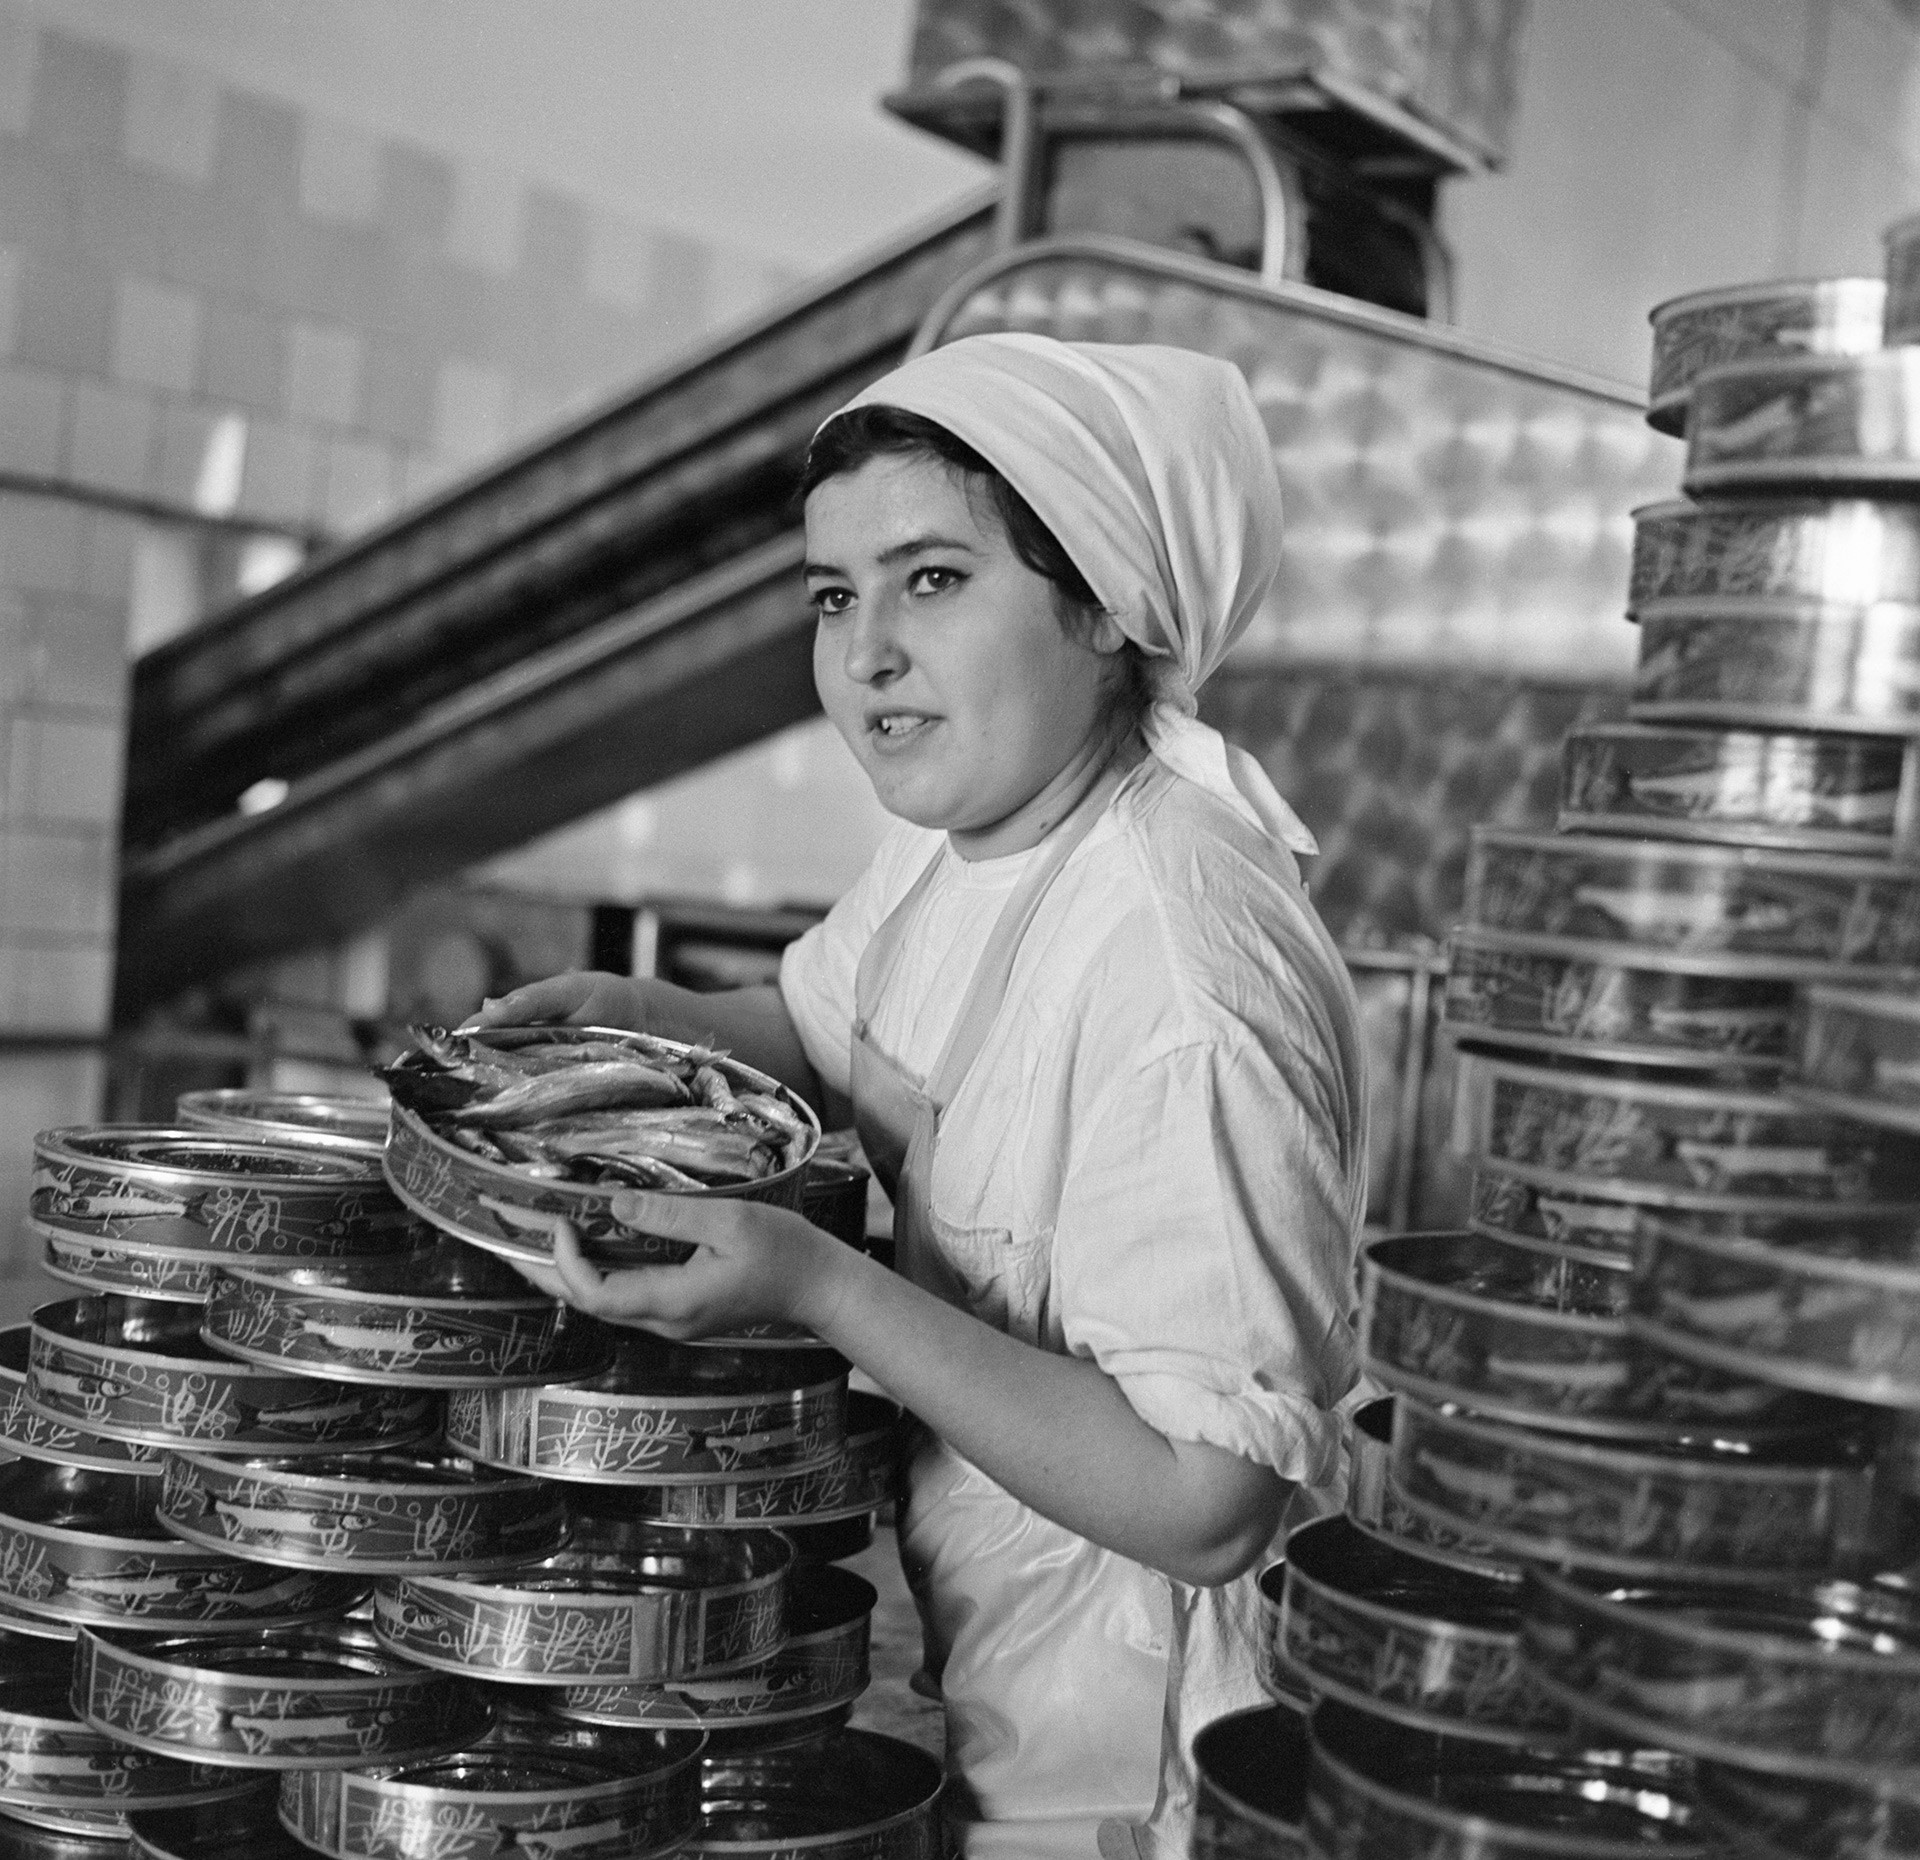 Fábrica de processamento de peixes em Murmansk, 1971.